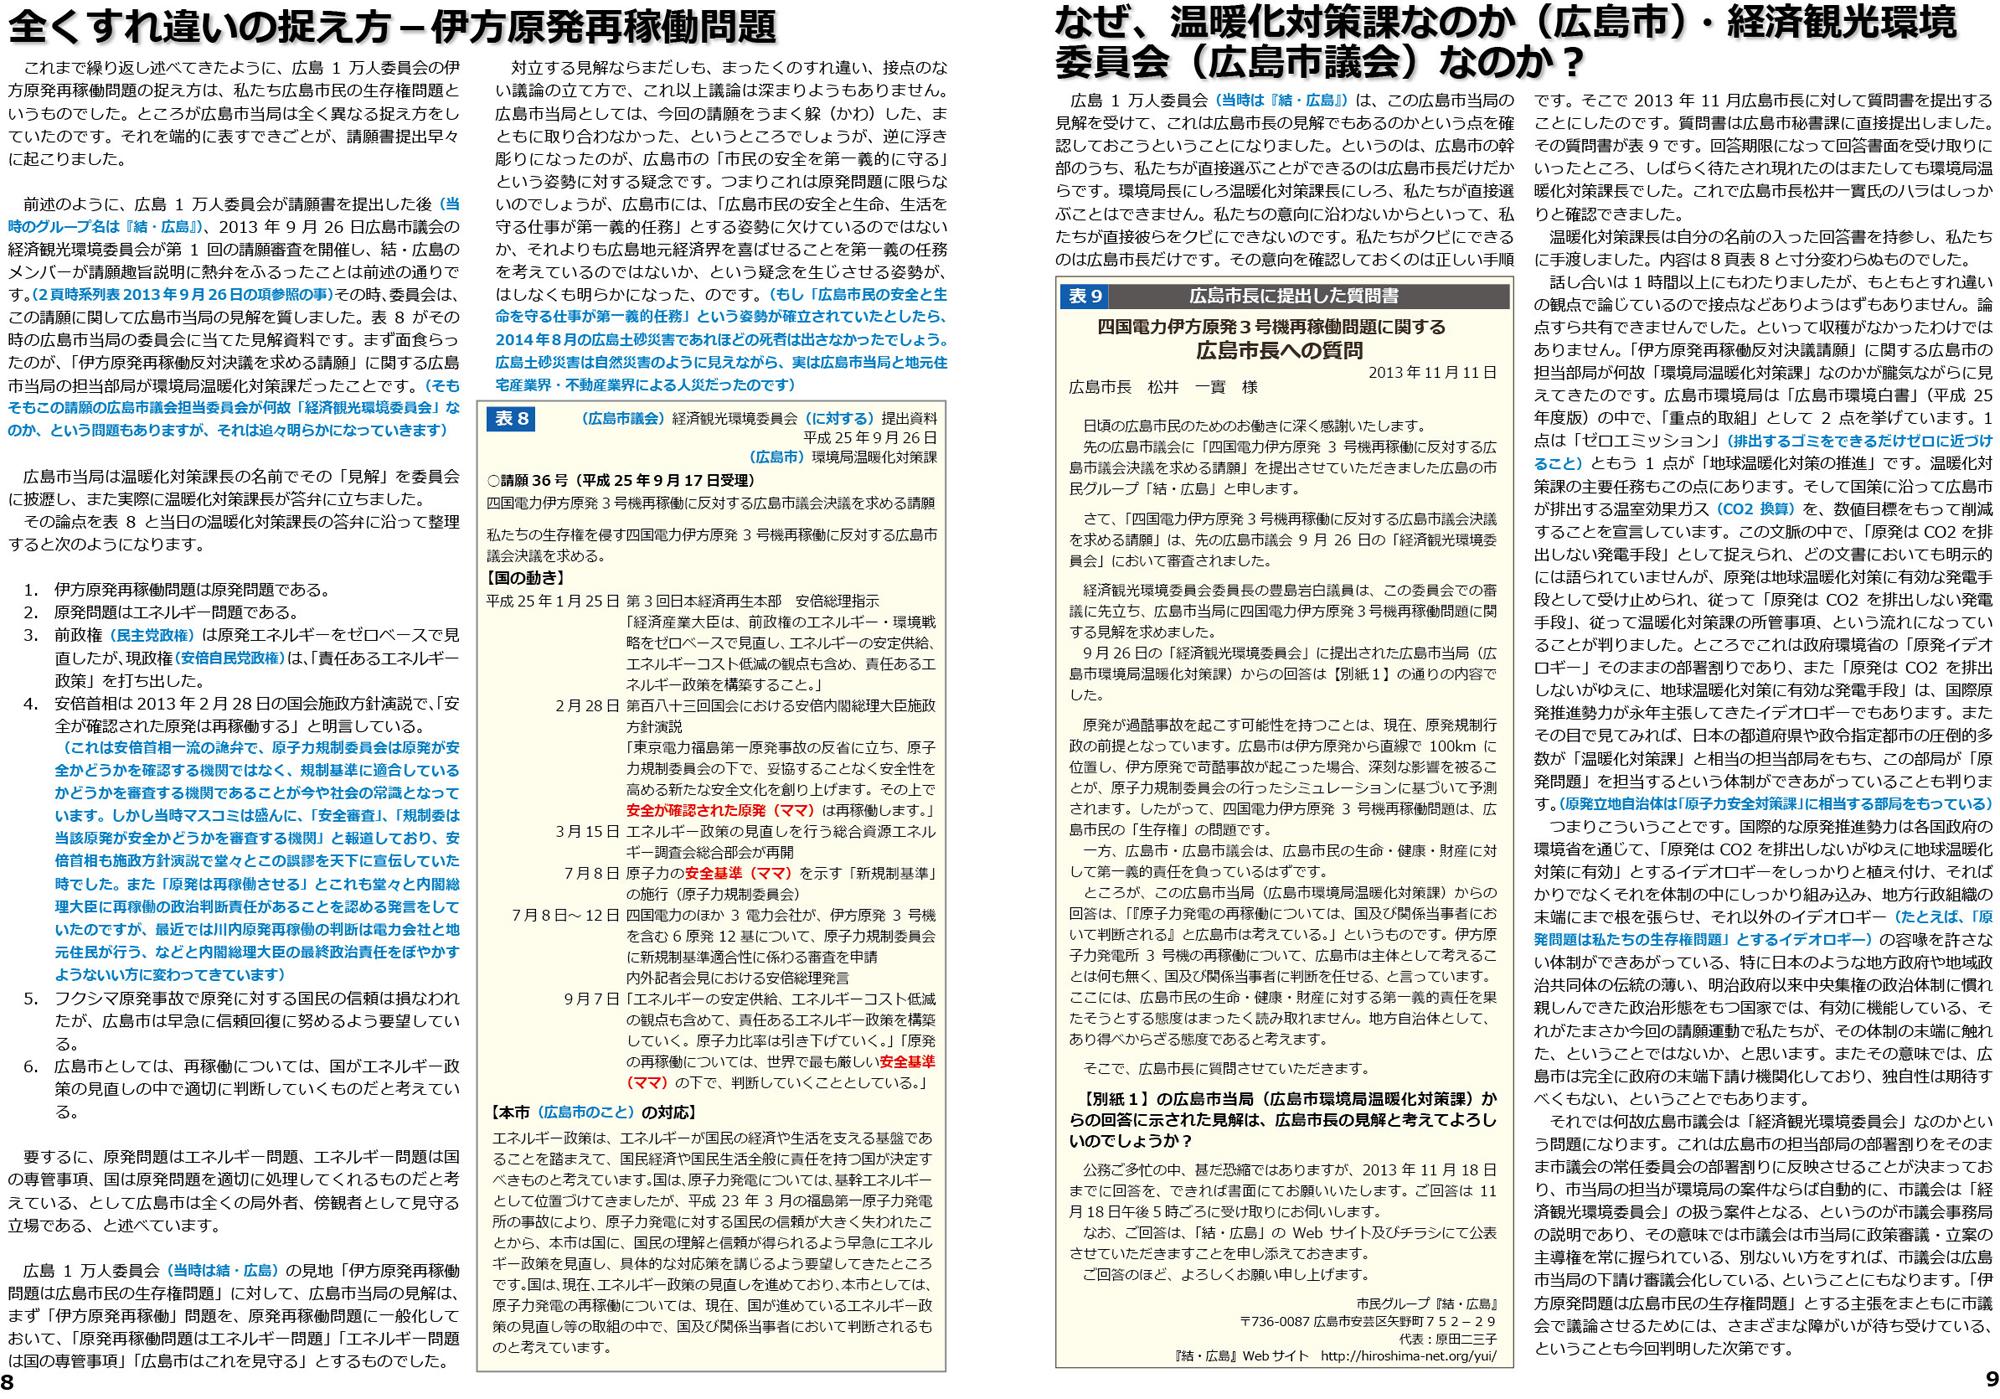 ファイル 350-5.jpg